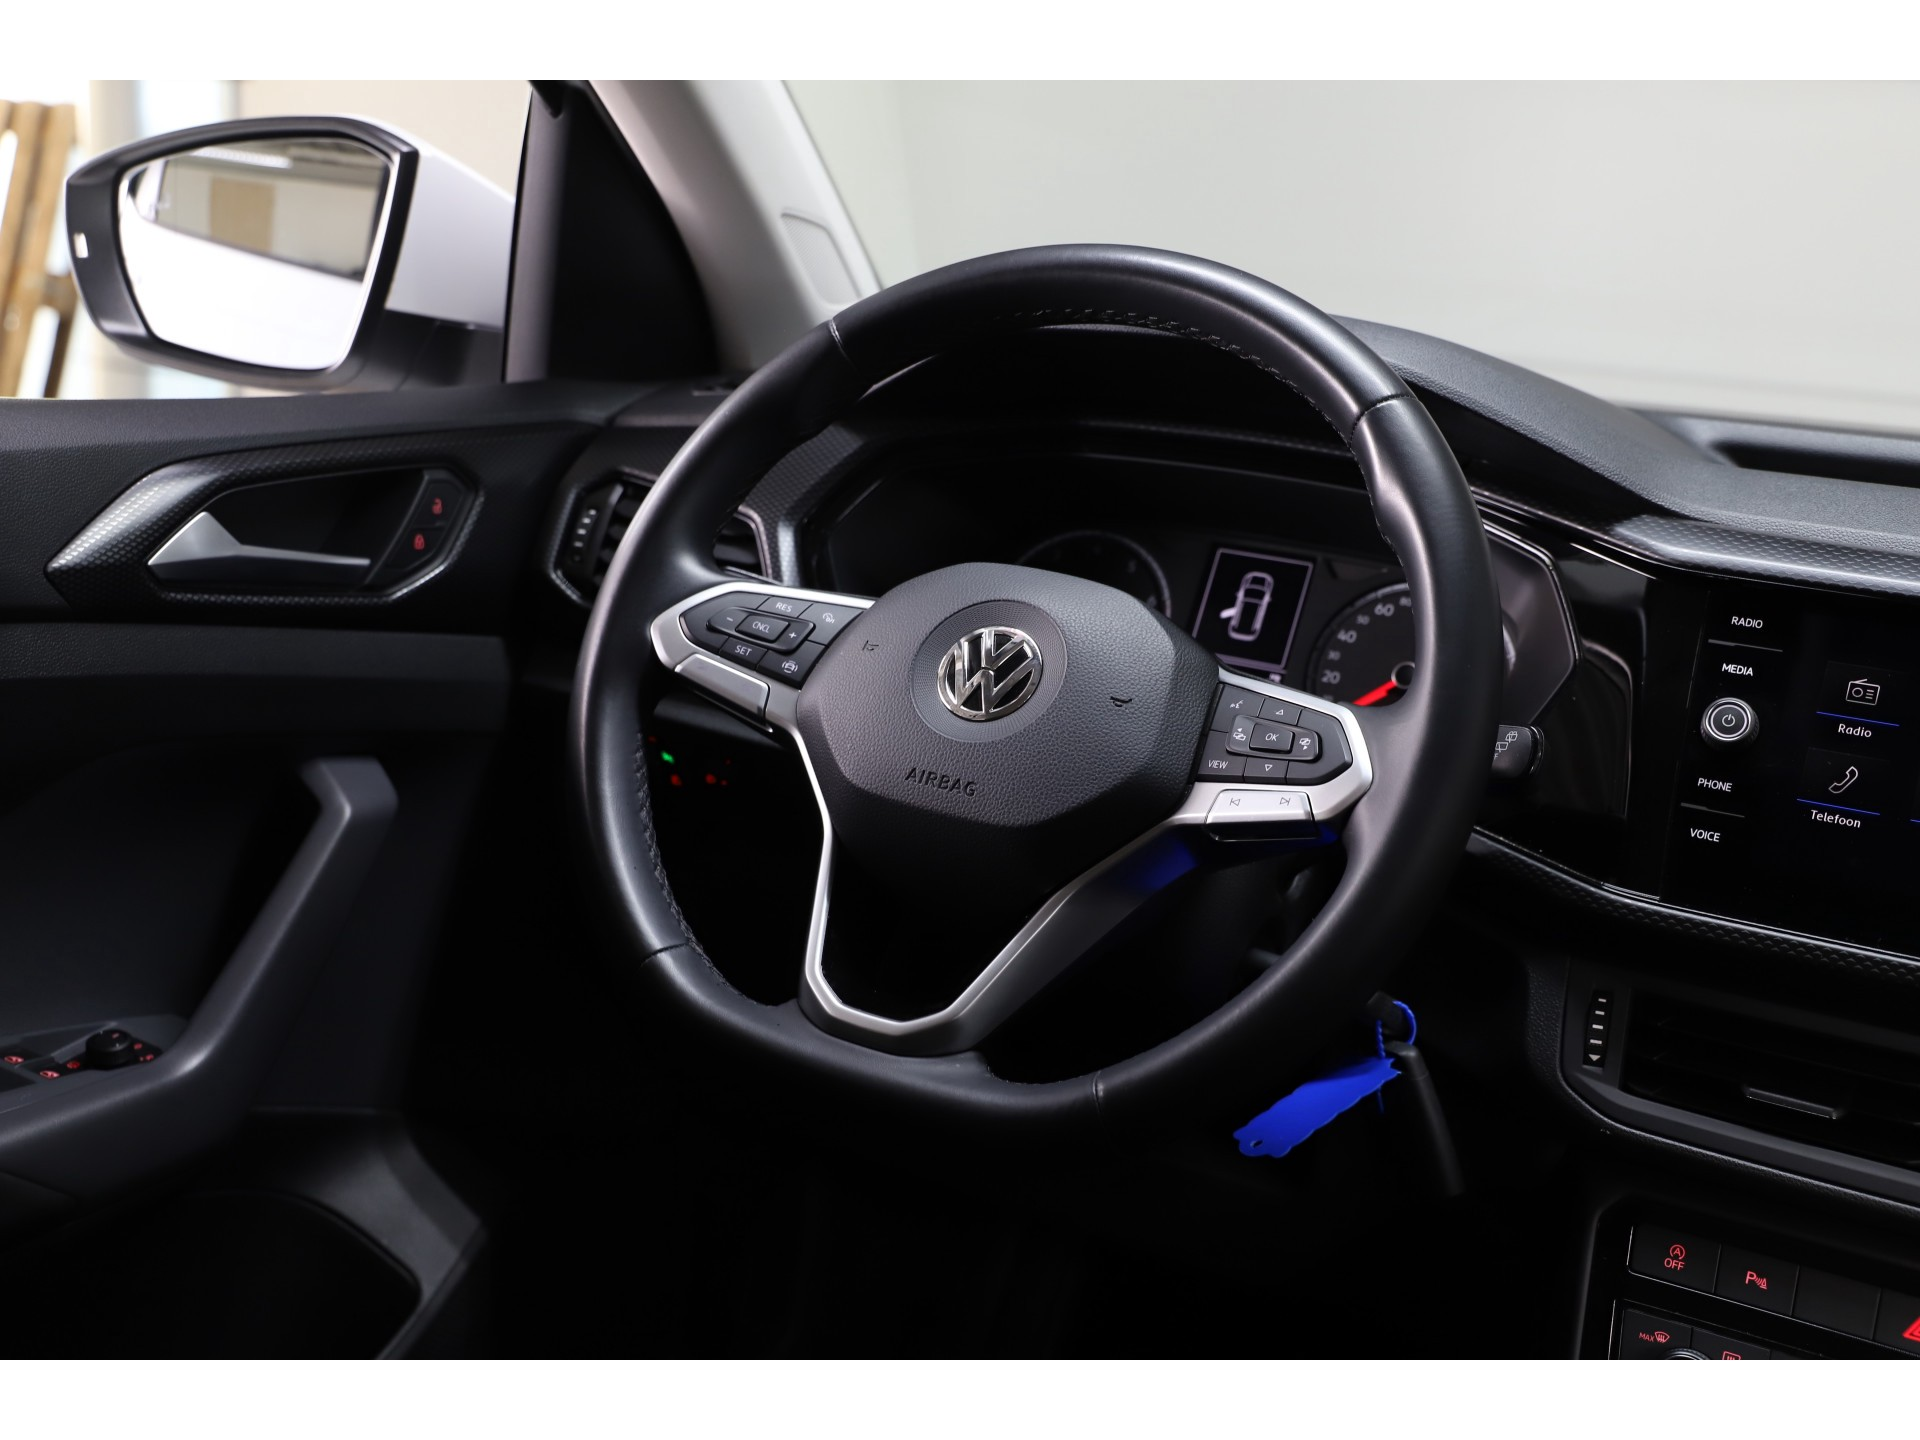 Volkswagen - T-Cross 1.0 TSI 95pk Life R-Line - 2020